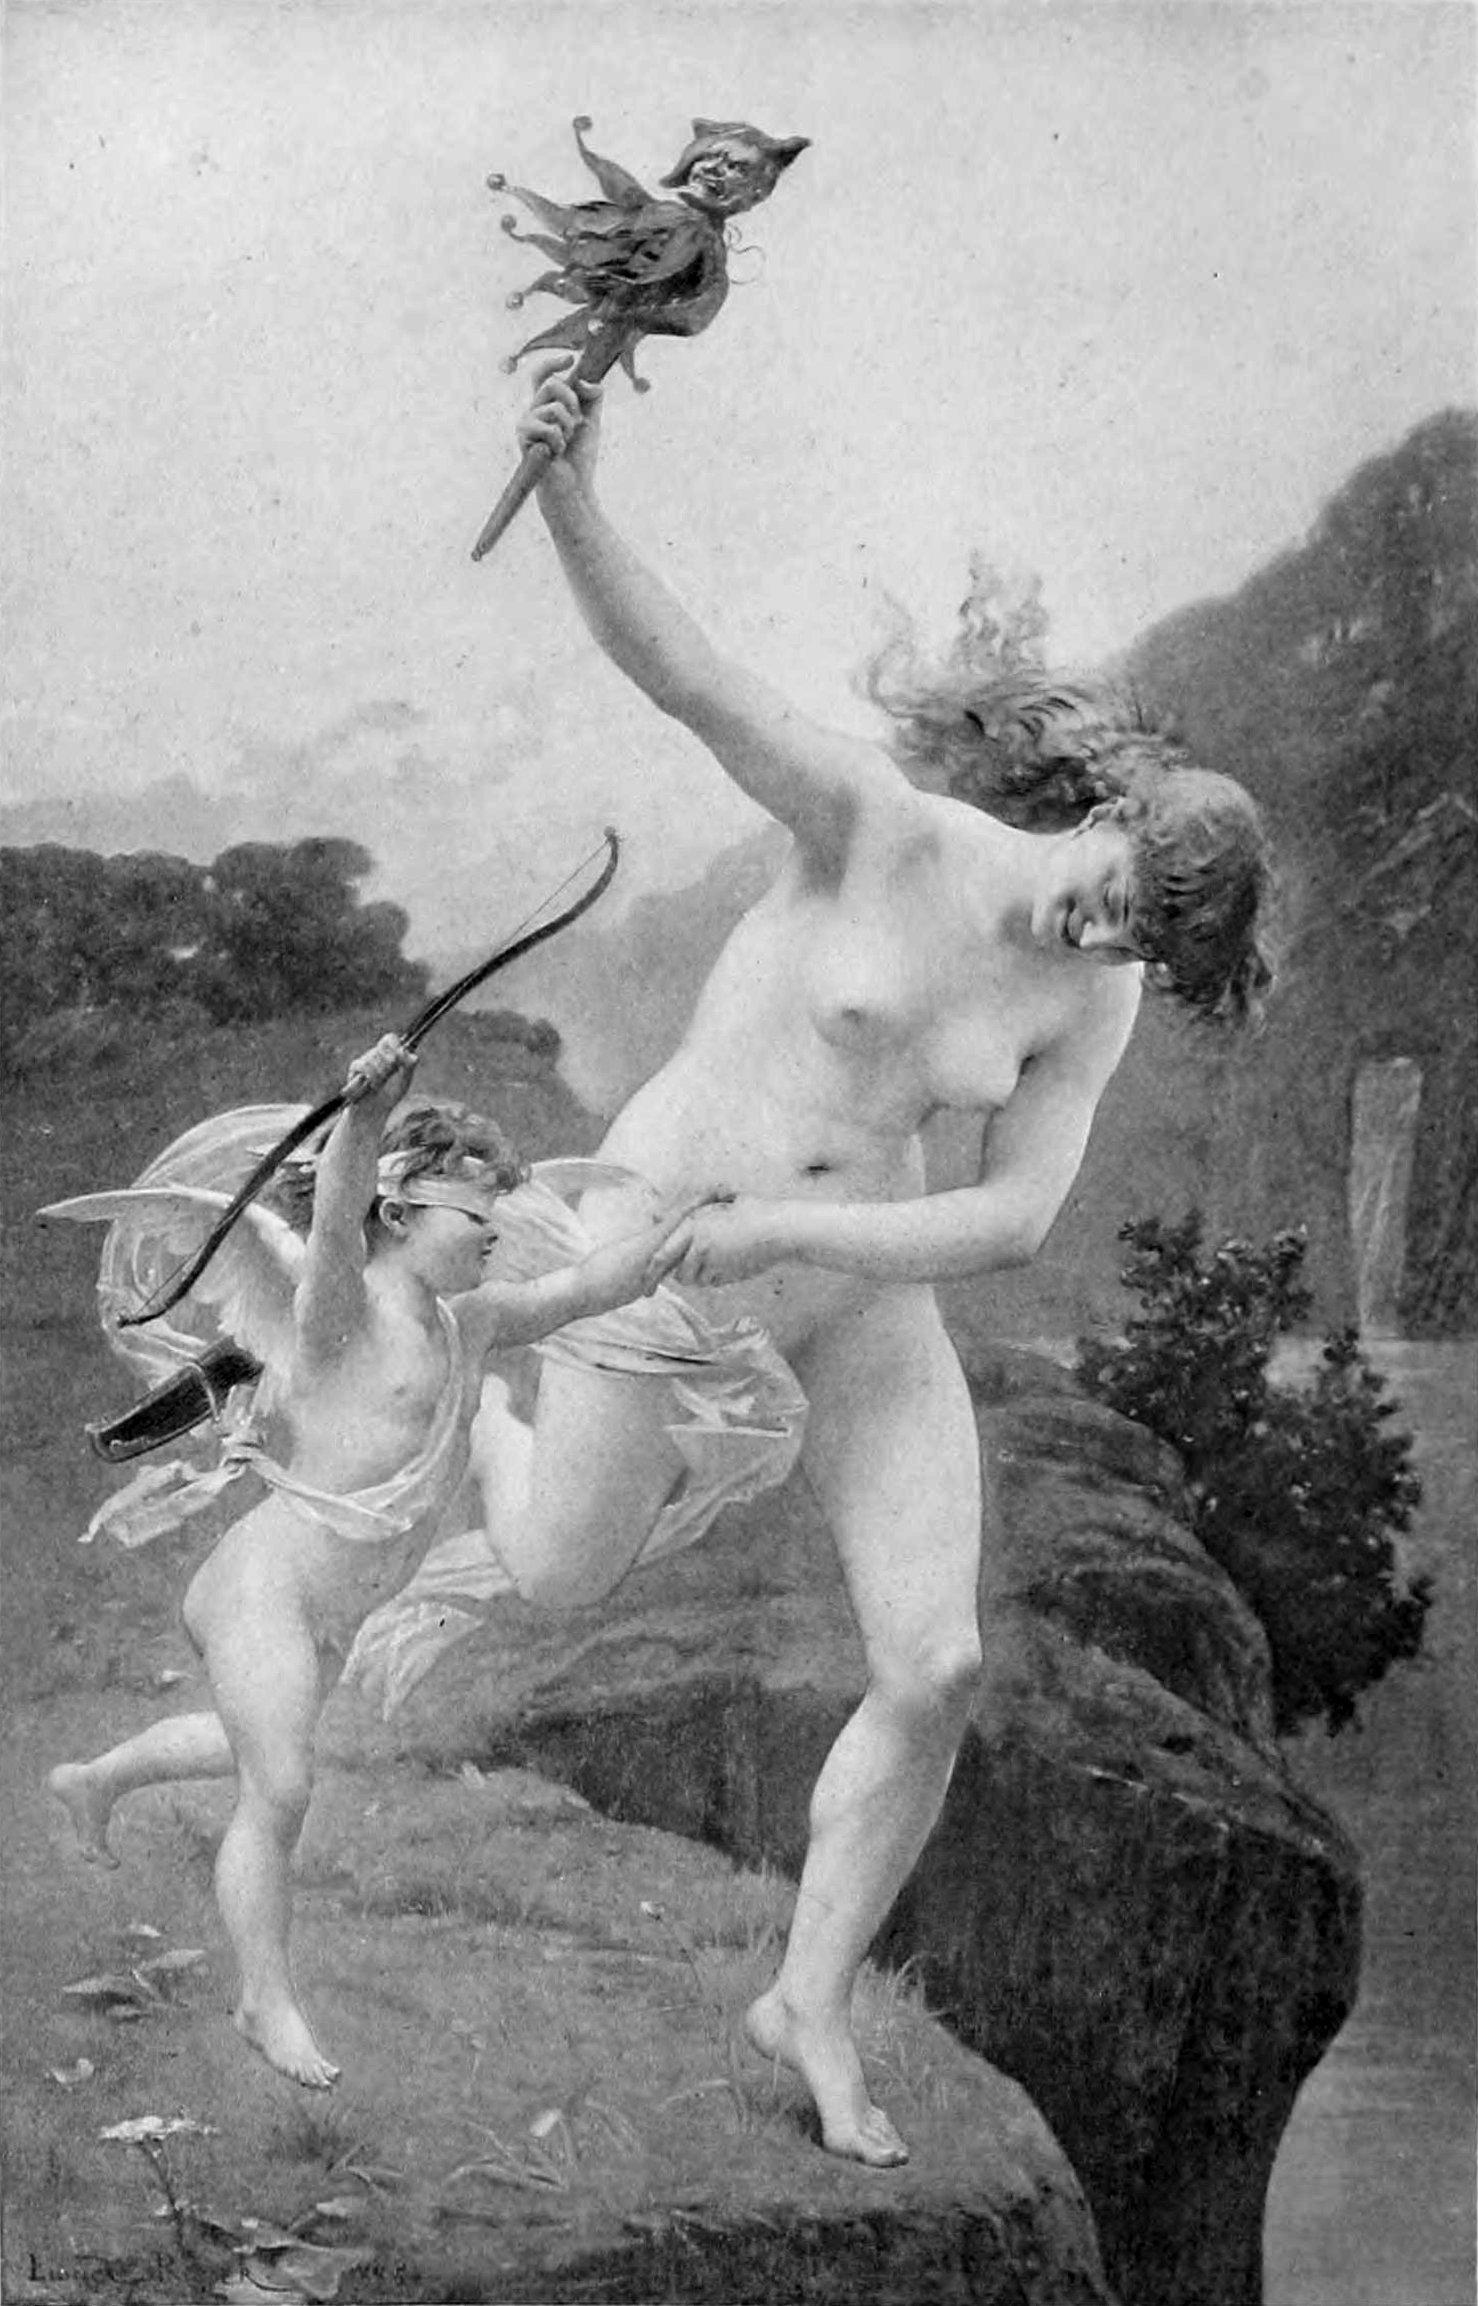 L Amour Et La Folie : amour, folie, File:Lionel, Royer, L'Amour, Folie.jpg, Wikimedia, Commons